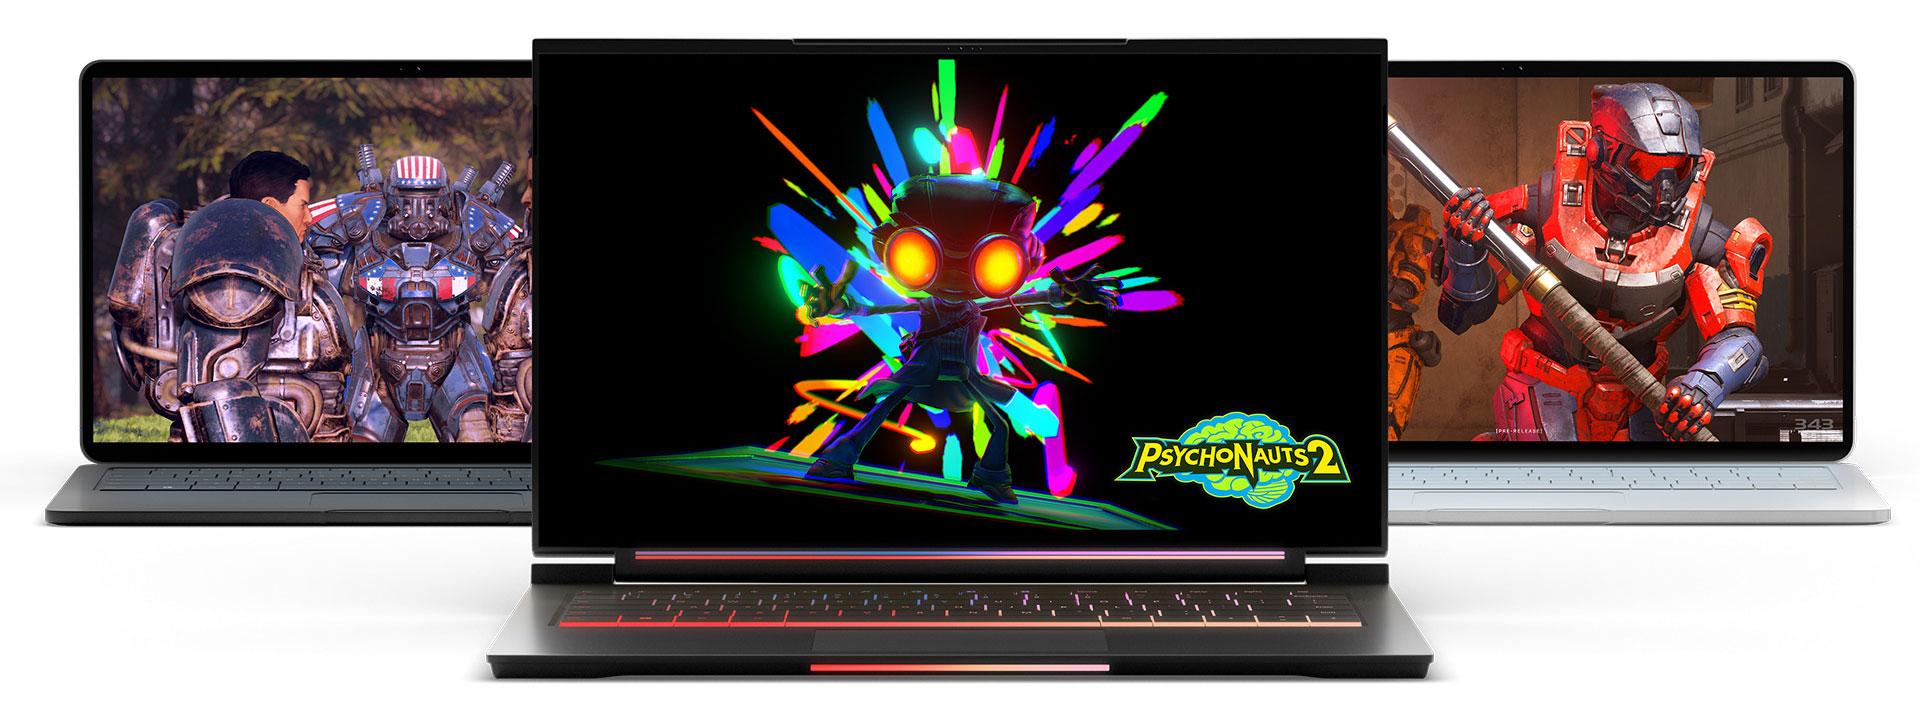 3 laptopcomputers met videogames op het scherm